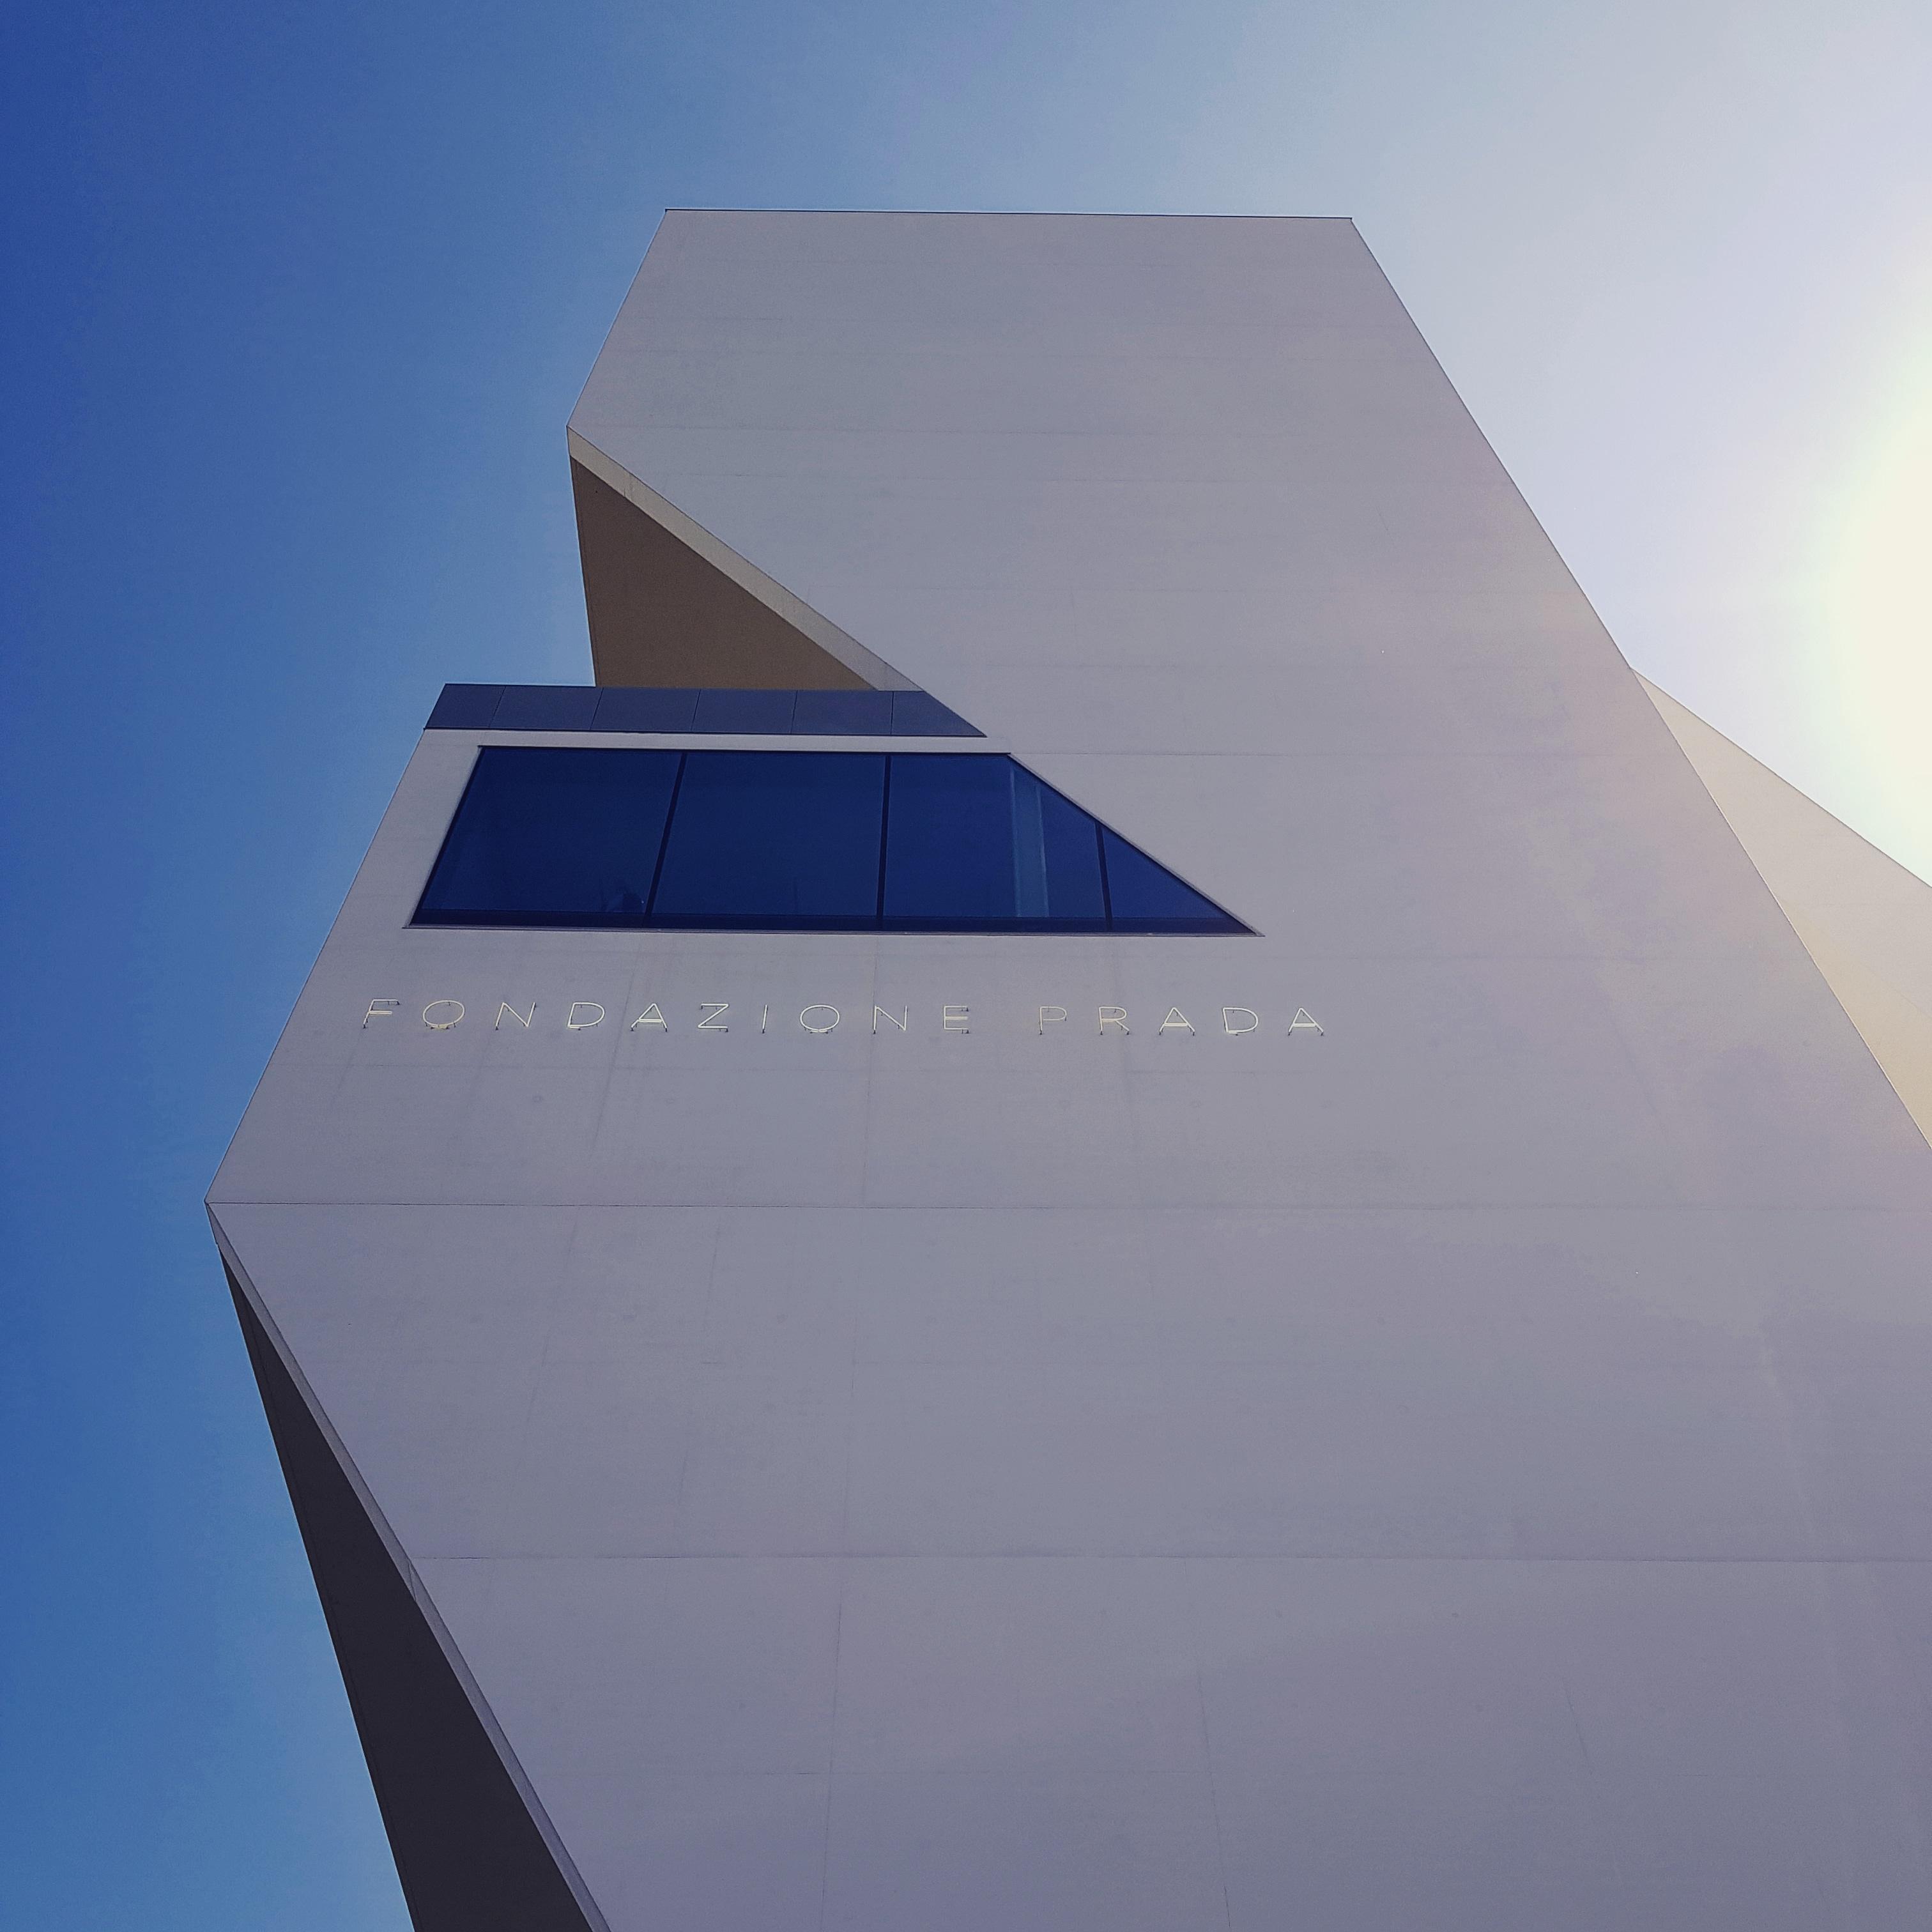 Fondazione Prada: the branded non-space